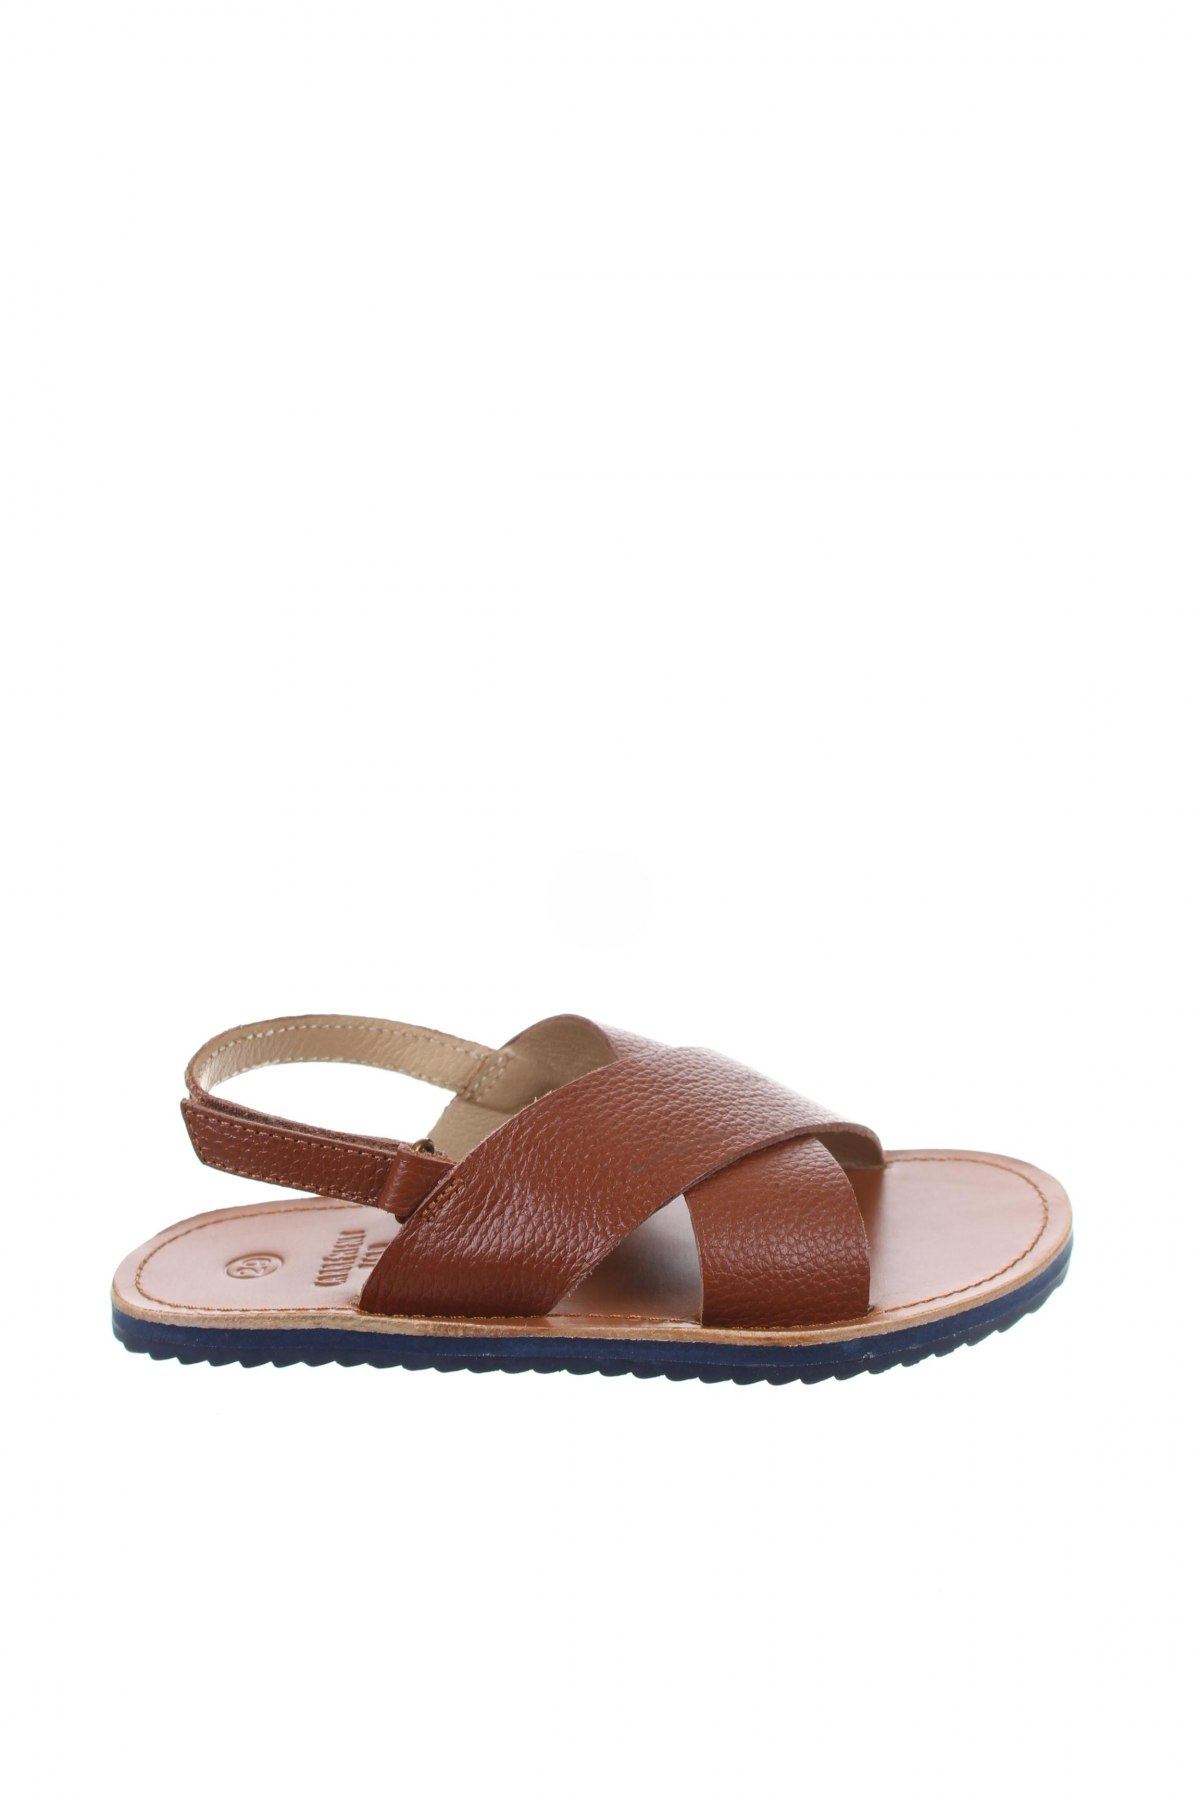 Детски сандали Carrement Beau, Размер 29, Цвят Кафяв, Естествена кожа, Цена 59,25лв.